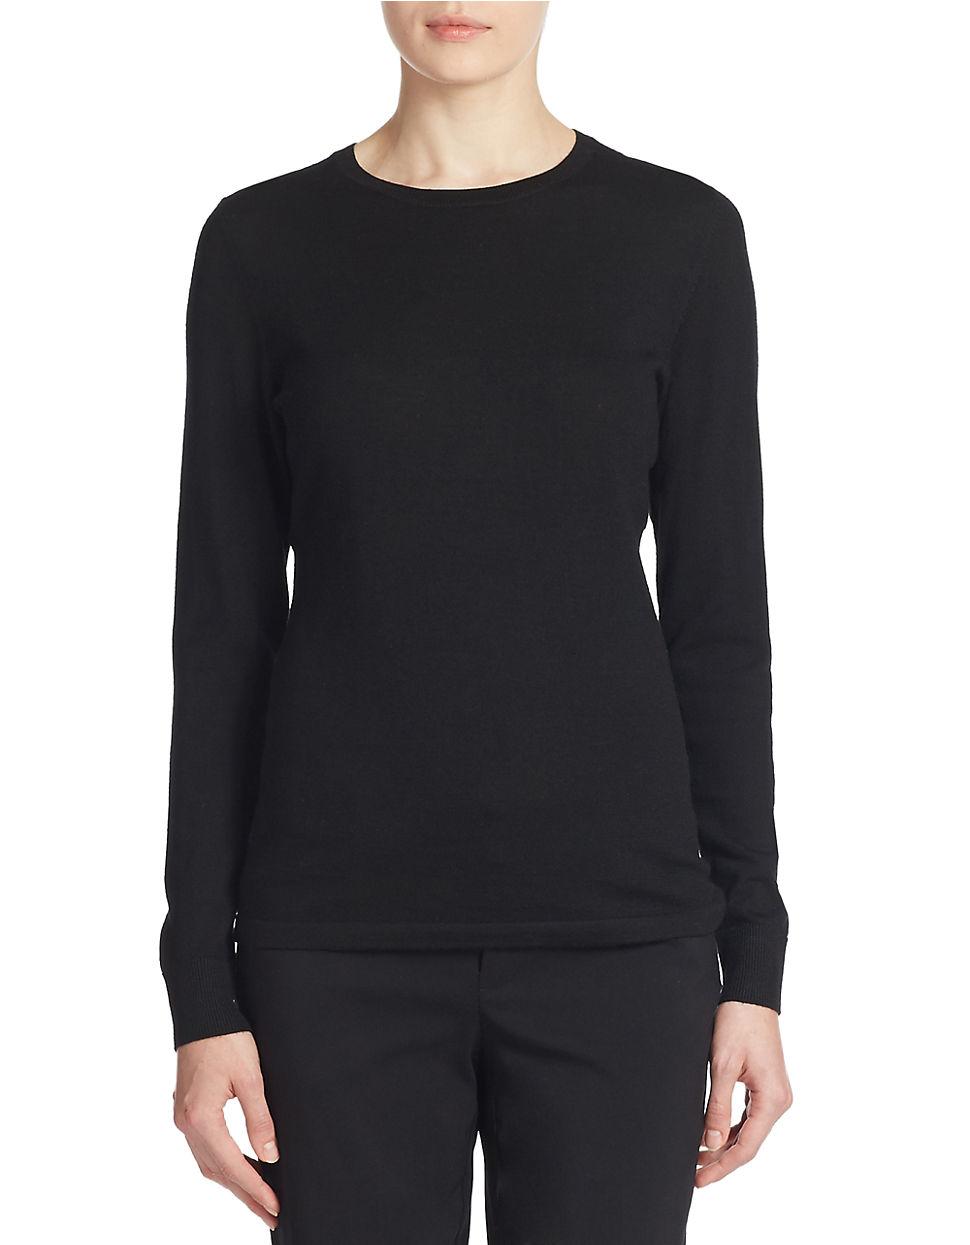 Lord Taylor Merino Wool Basic Crewneck Sweater In Black